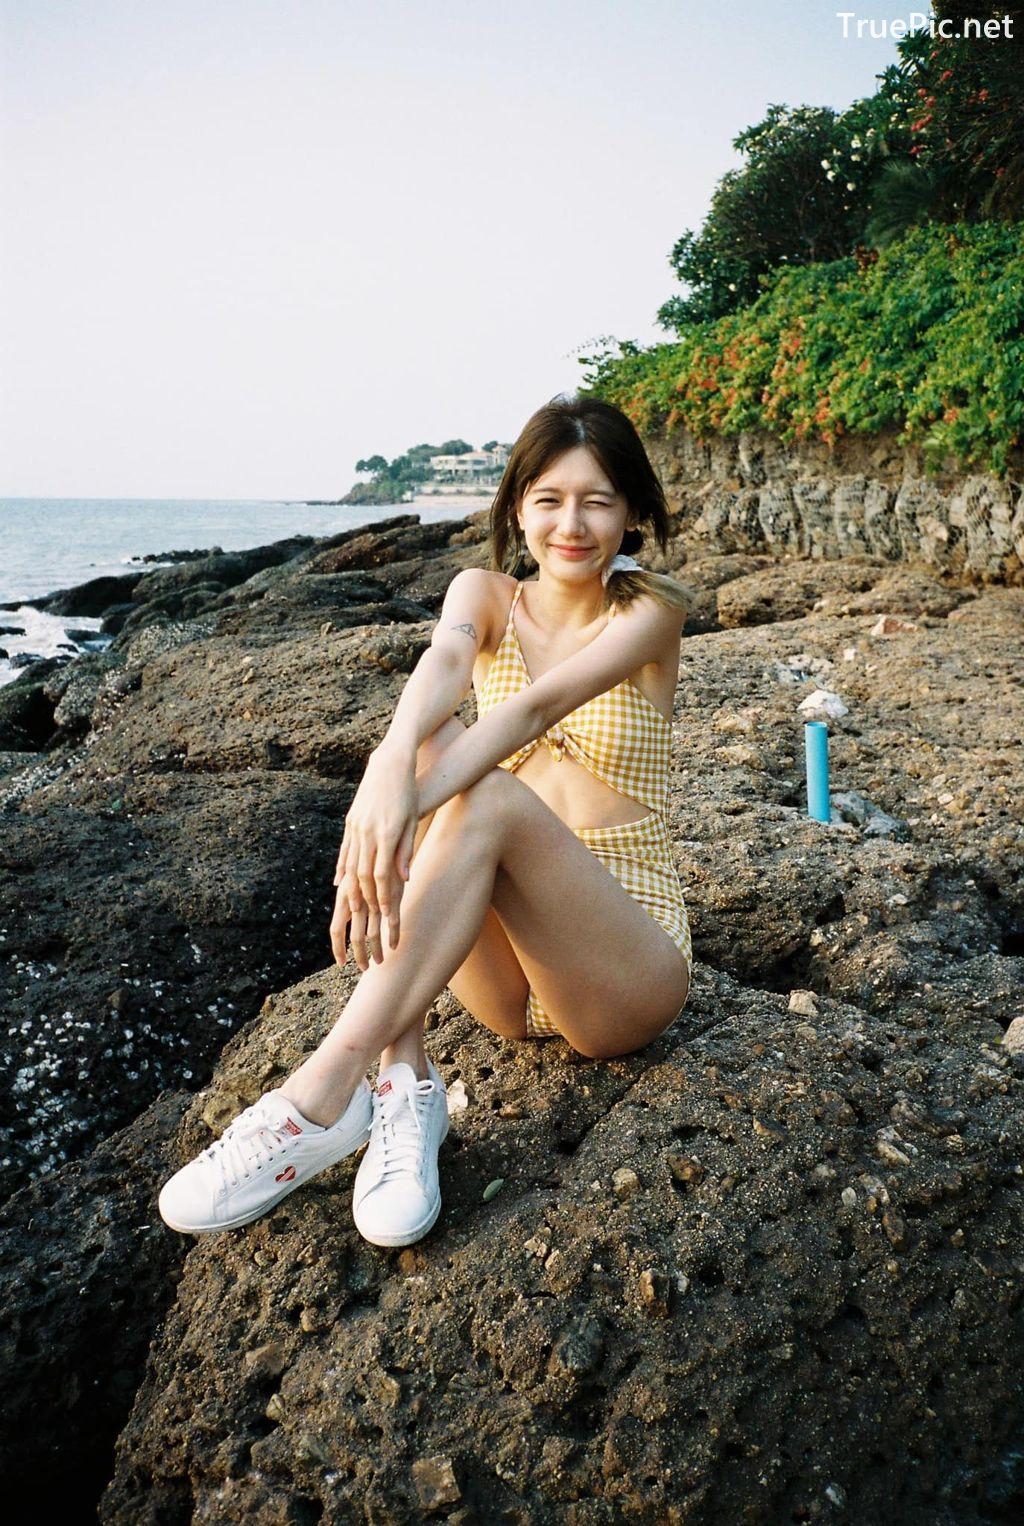 Image-Thailand-Model-Thanya-Siwasiriyangkoon-Yellow-Plaid-Monokini-TruePic.net- Picture-9